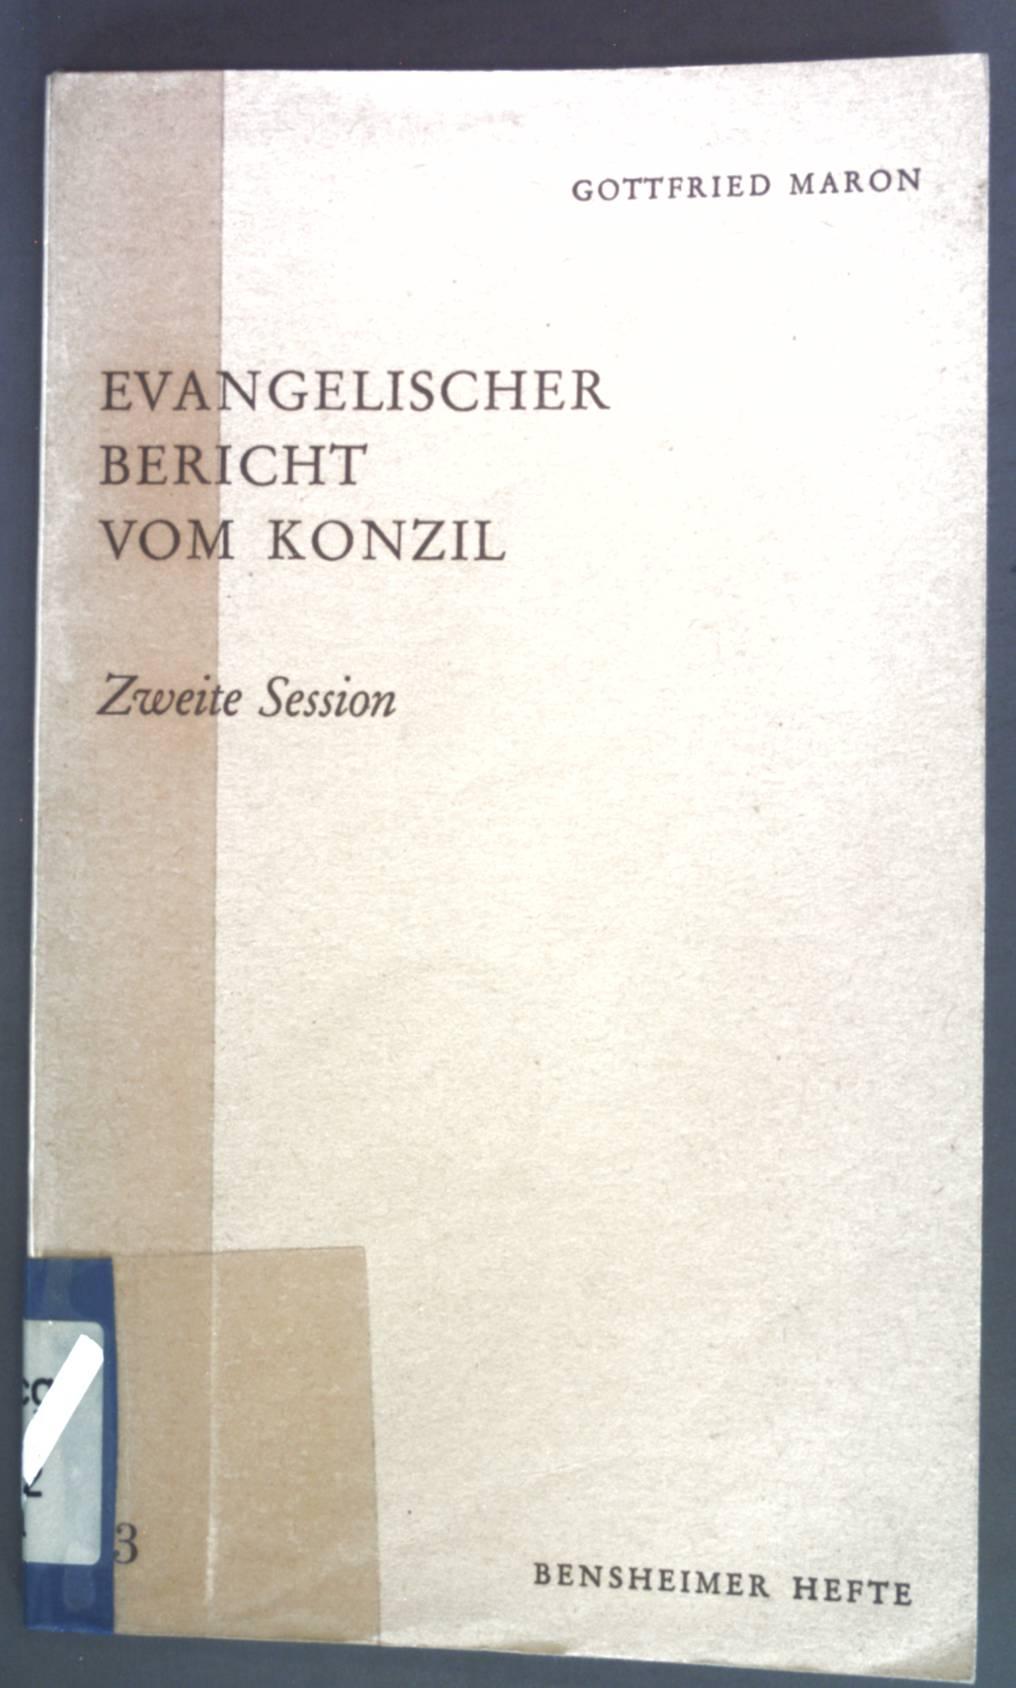 Evangelischer Bericht vom Konzil. Zweite Session. Bensheimer: Maron, Gottfried: